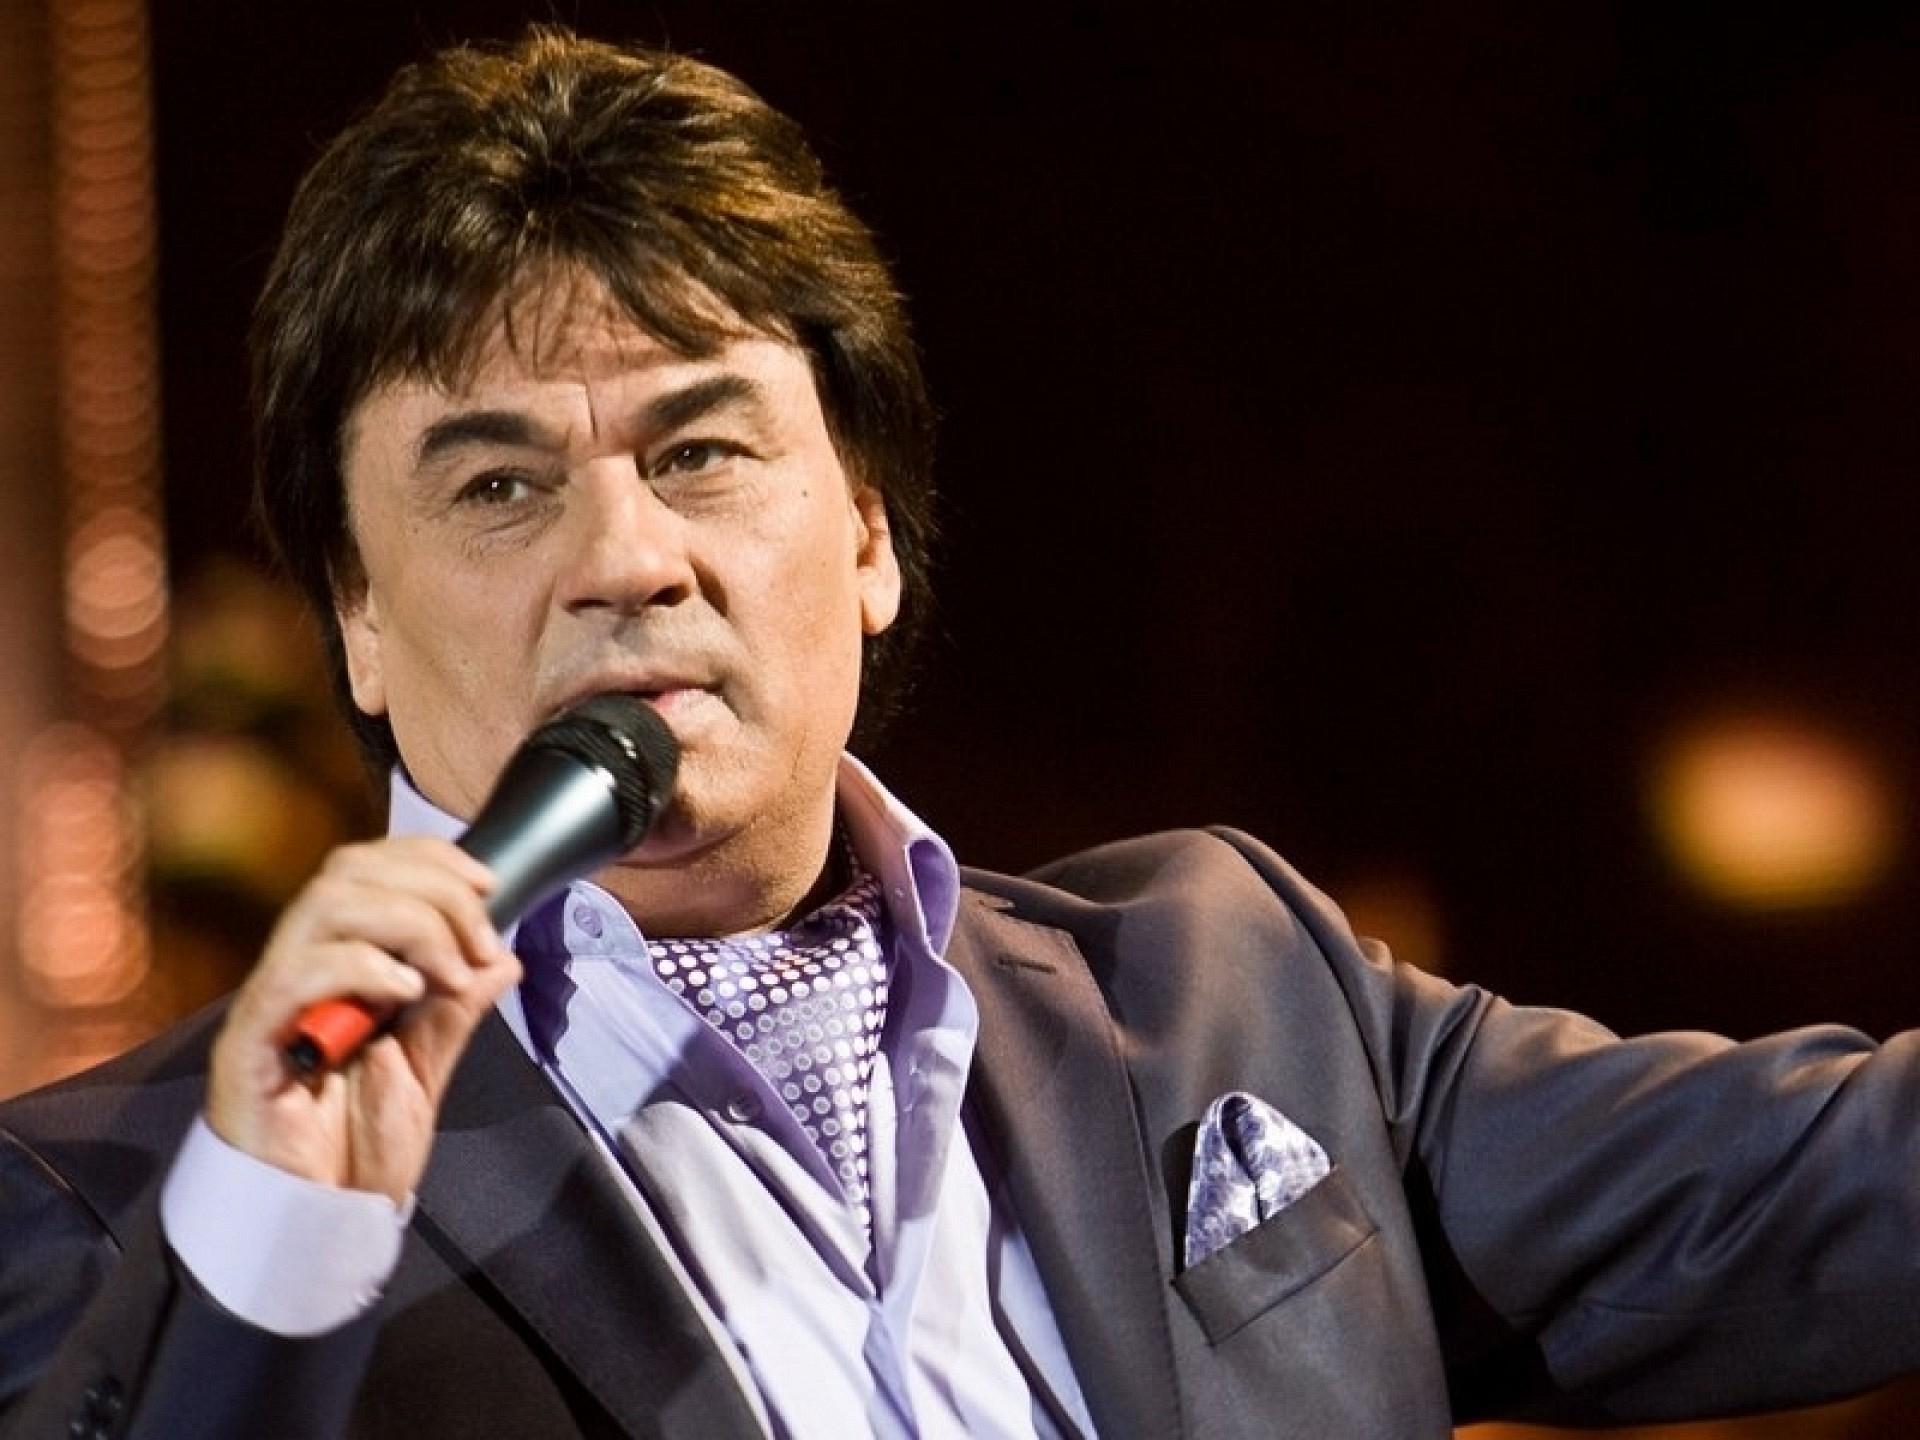 Певцу Александру Серову прострелили ногу во время драки